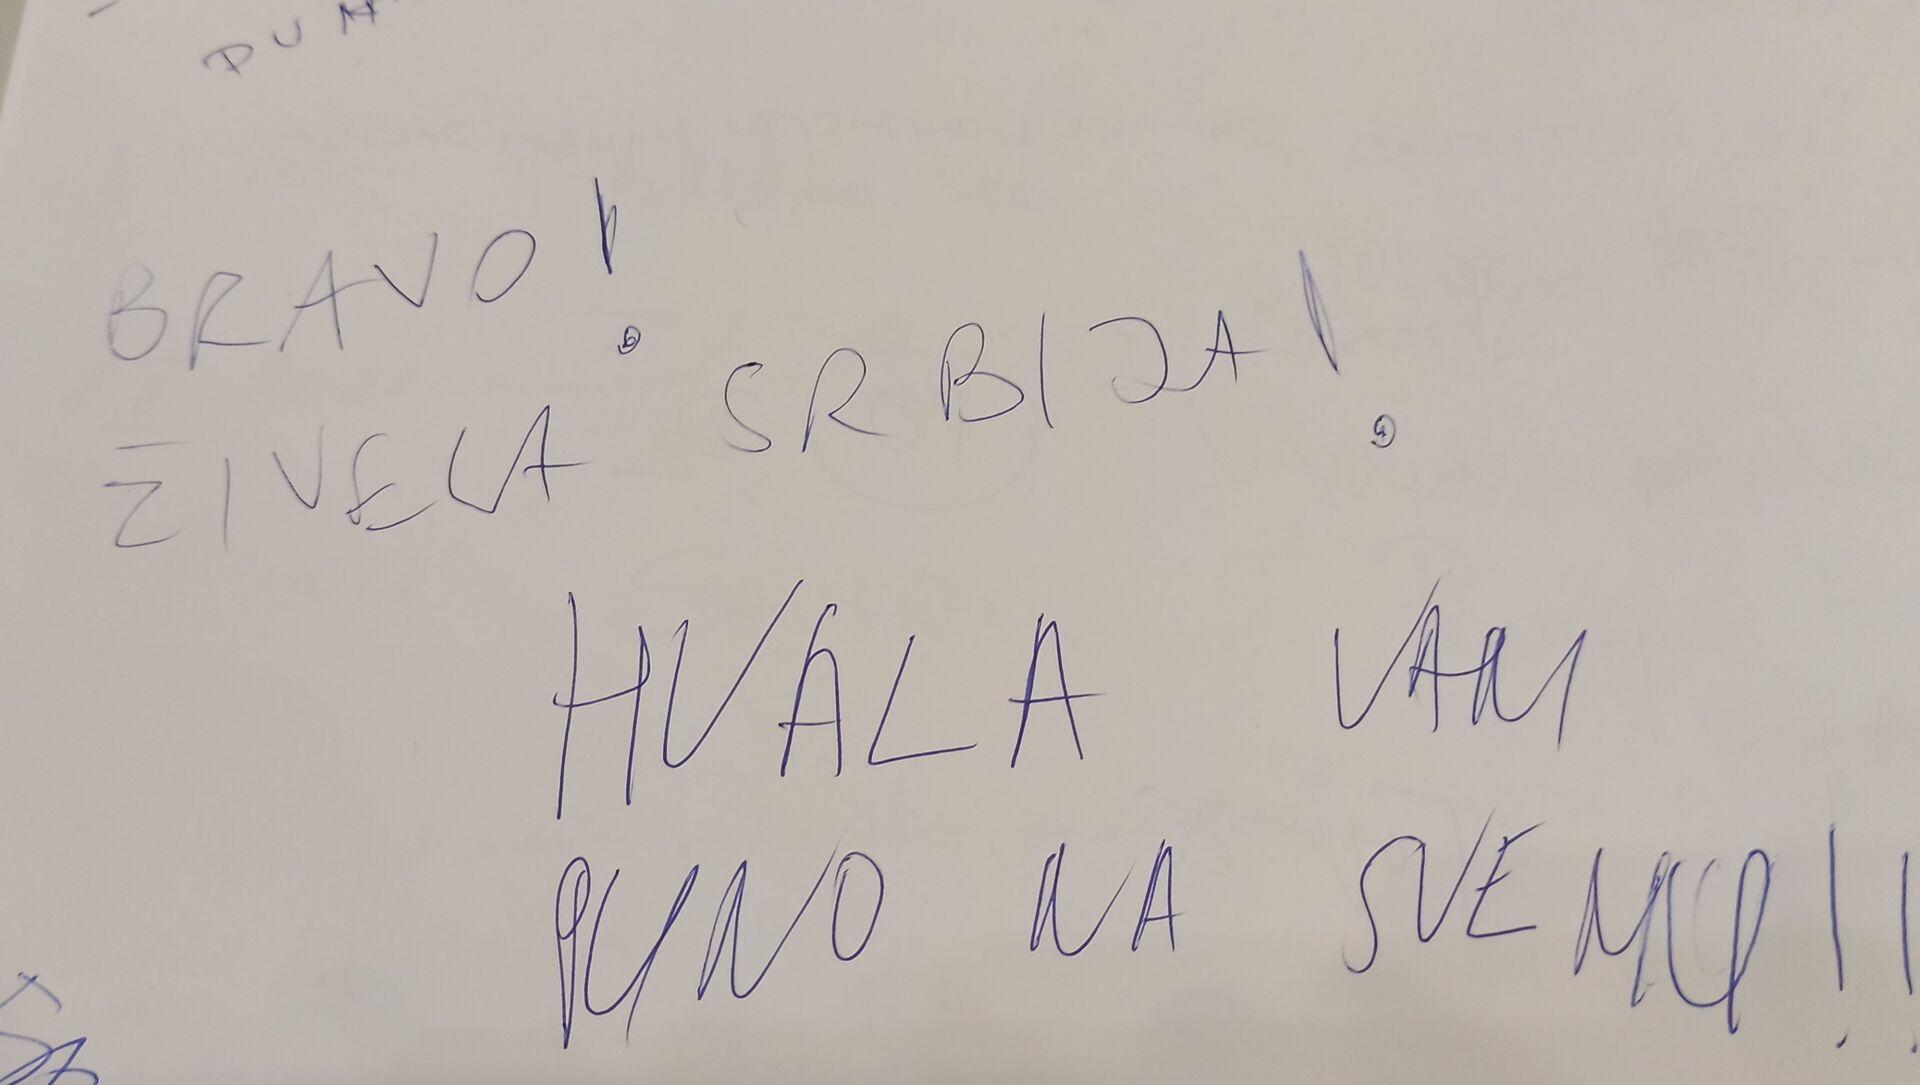 Живела Србија - једна од порука из књиге утисака. - Sputnik Србија, 1920, 02.02.2021